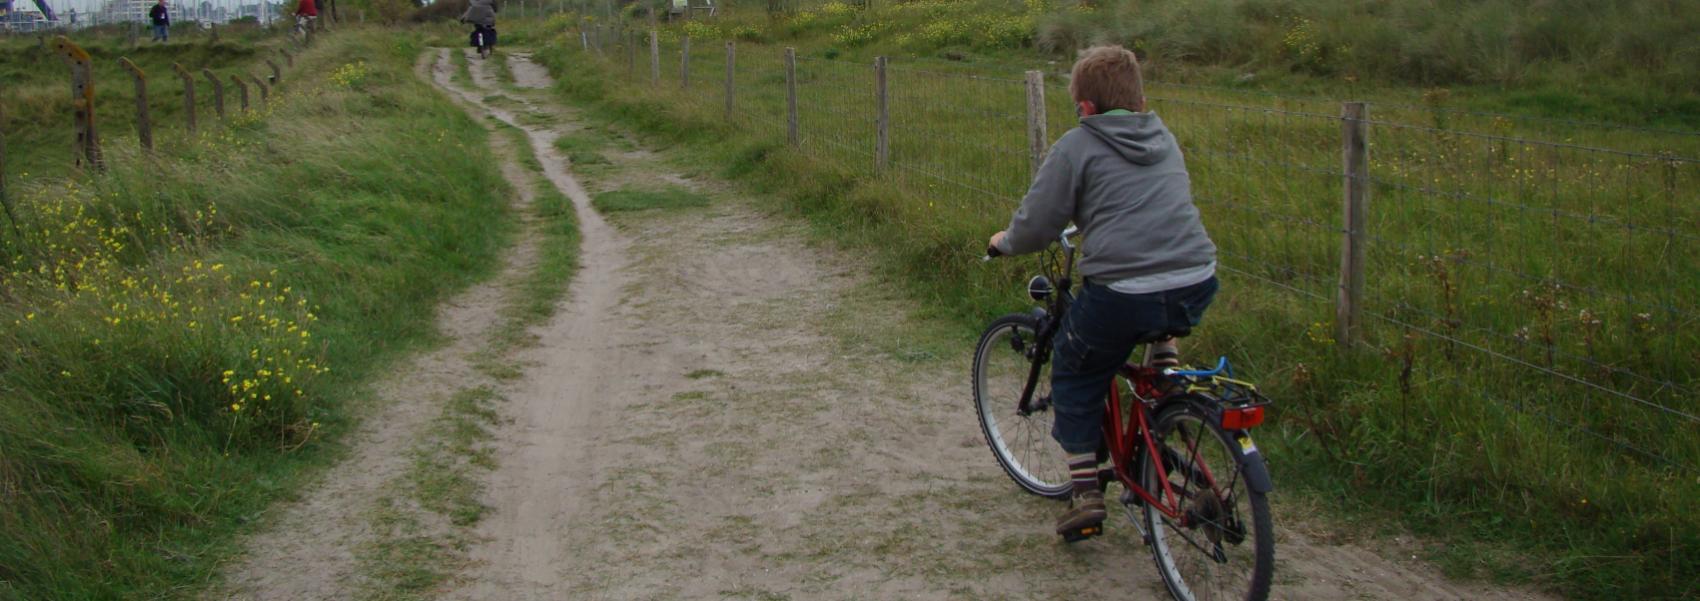 een fietser